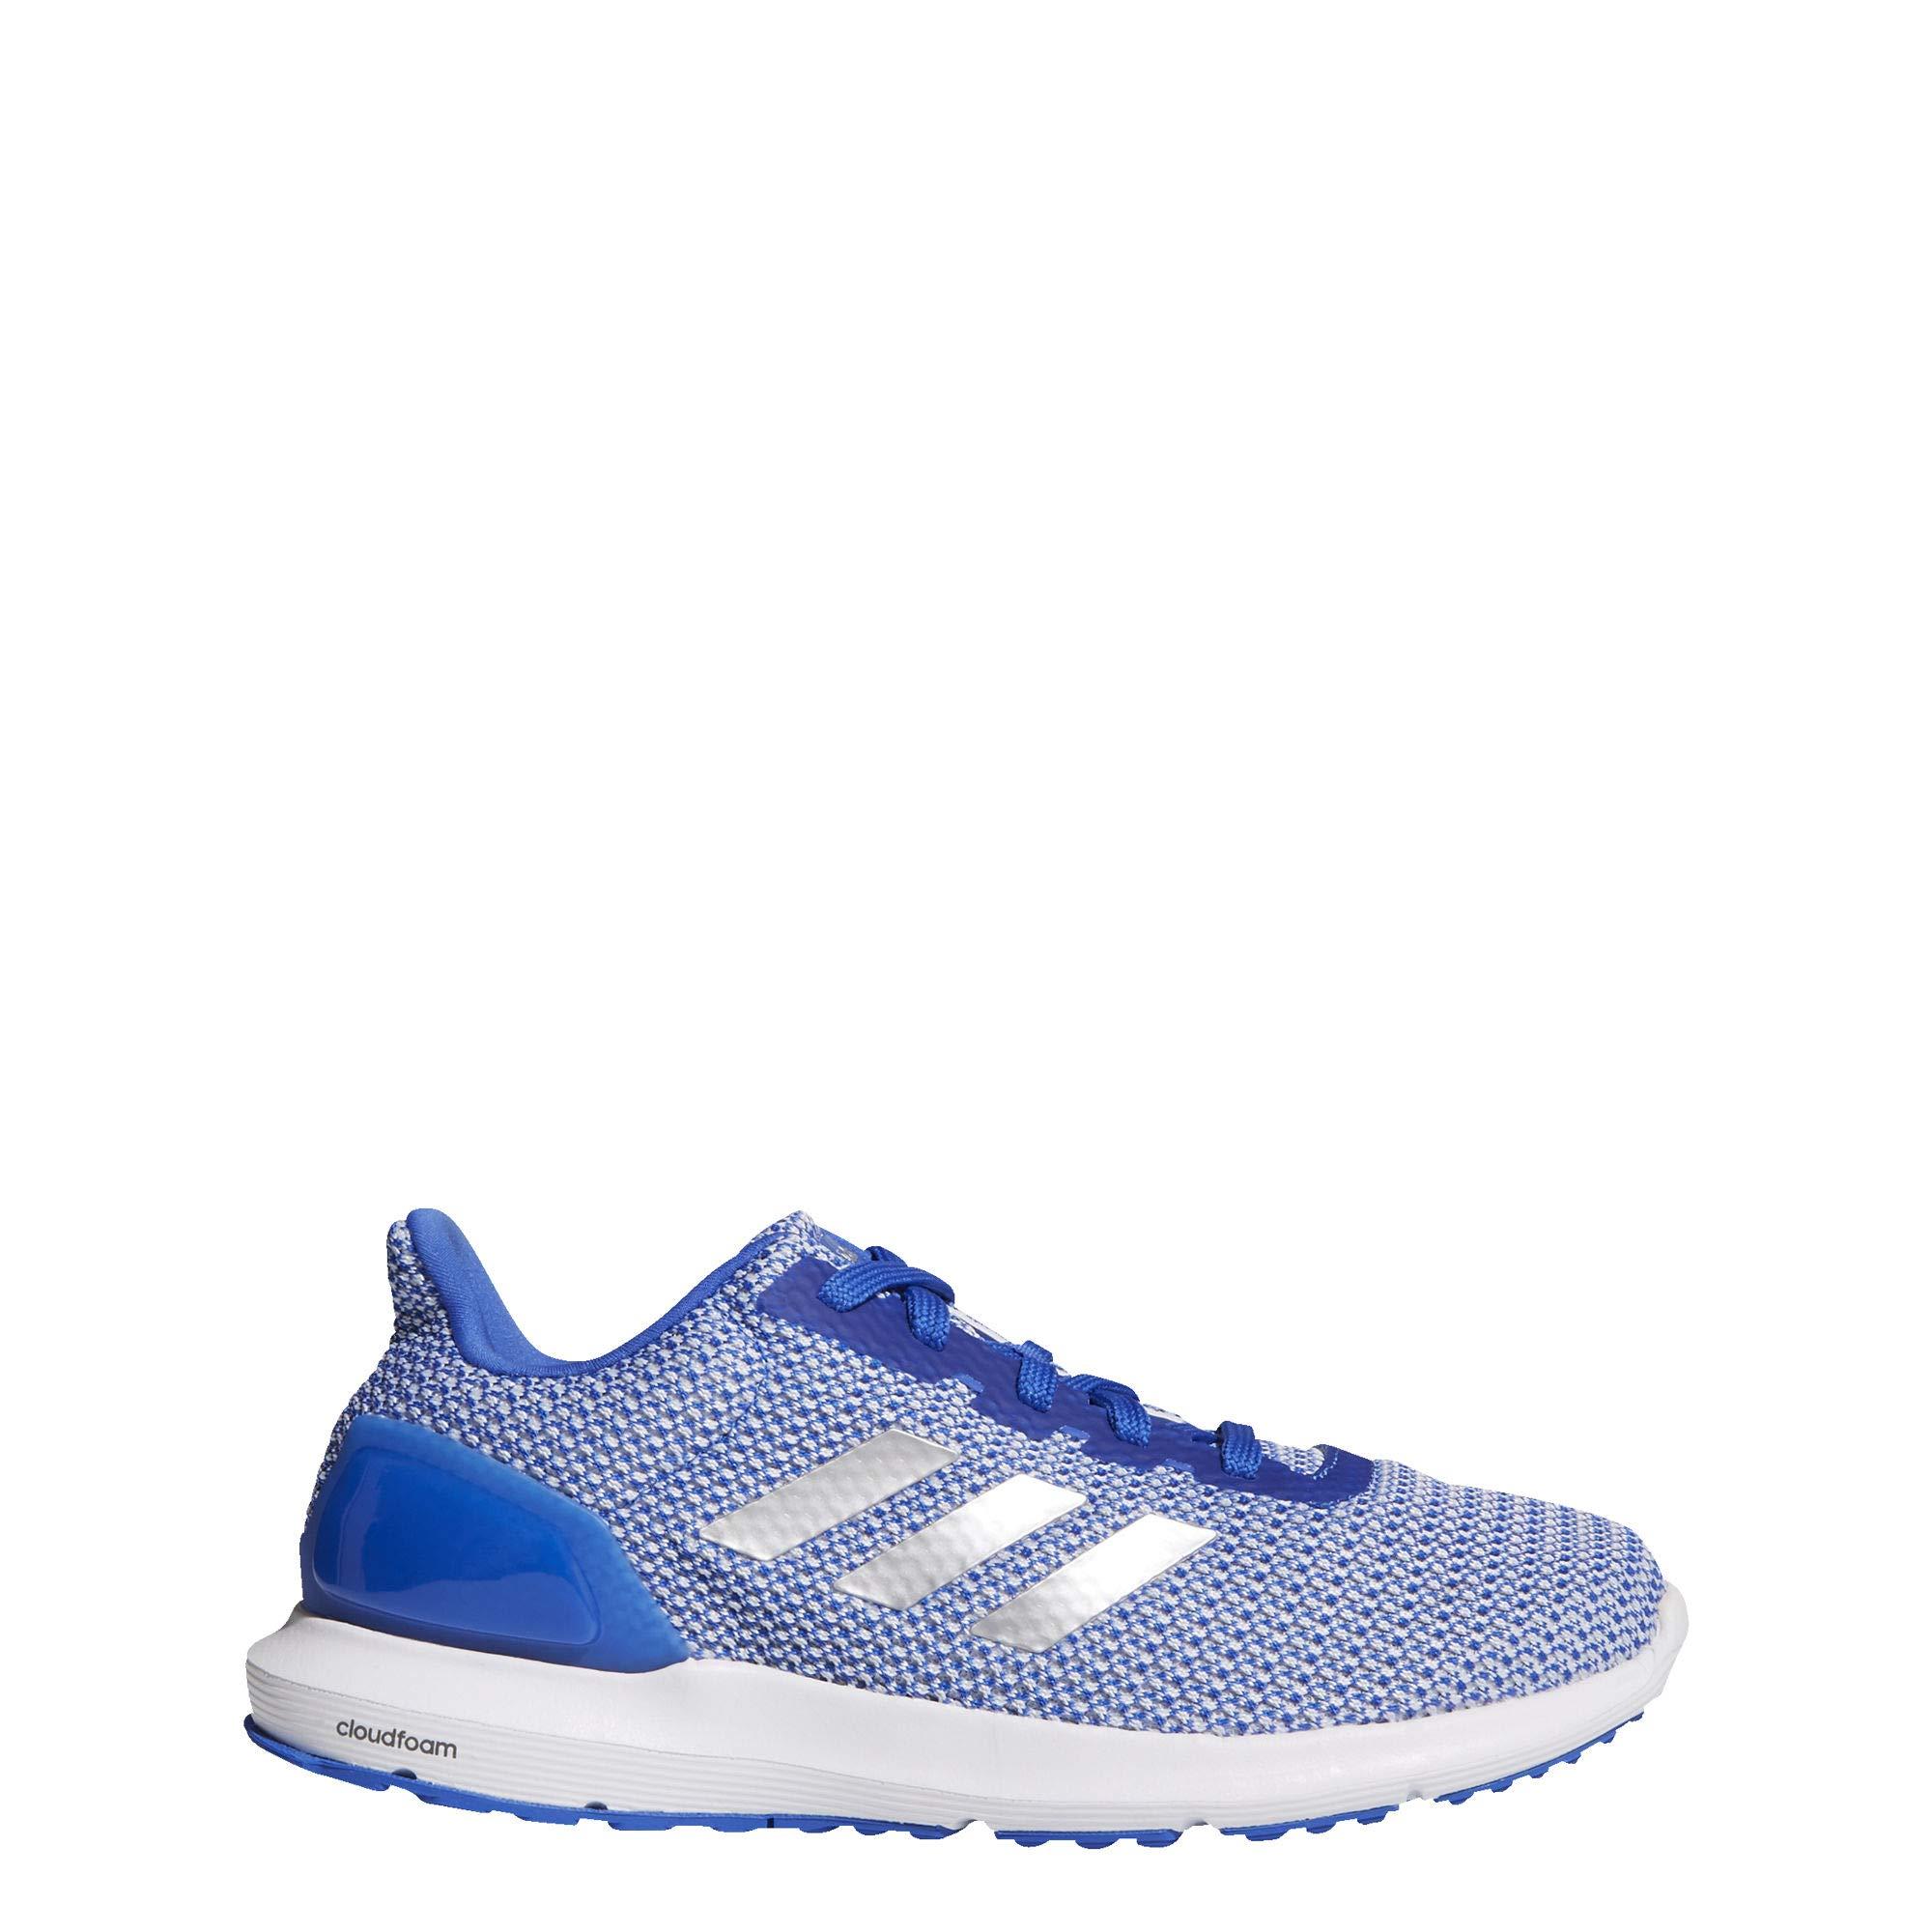 fdea6bcff2e068 Galleon - Adidas Cosmic 2.0 SL Shoes